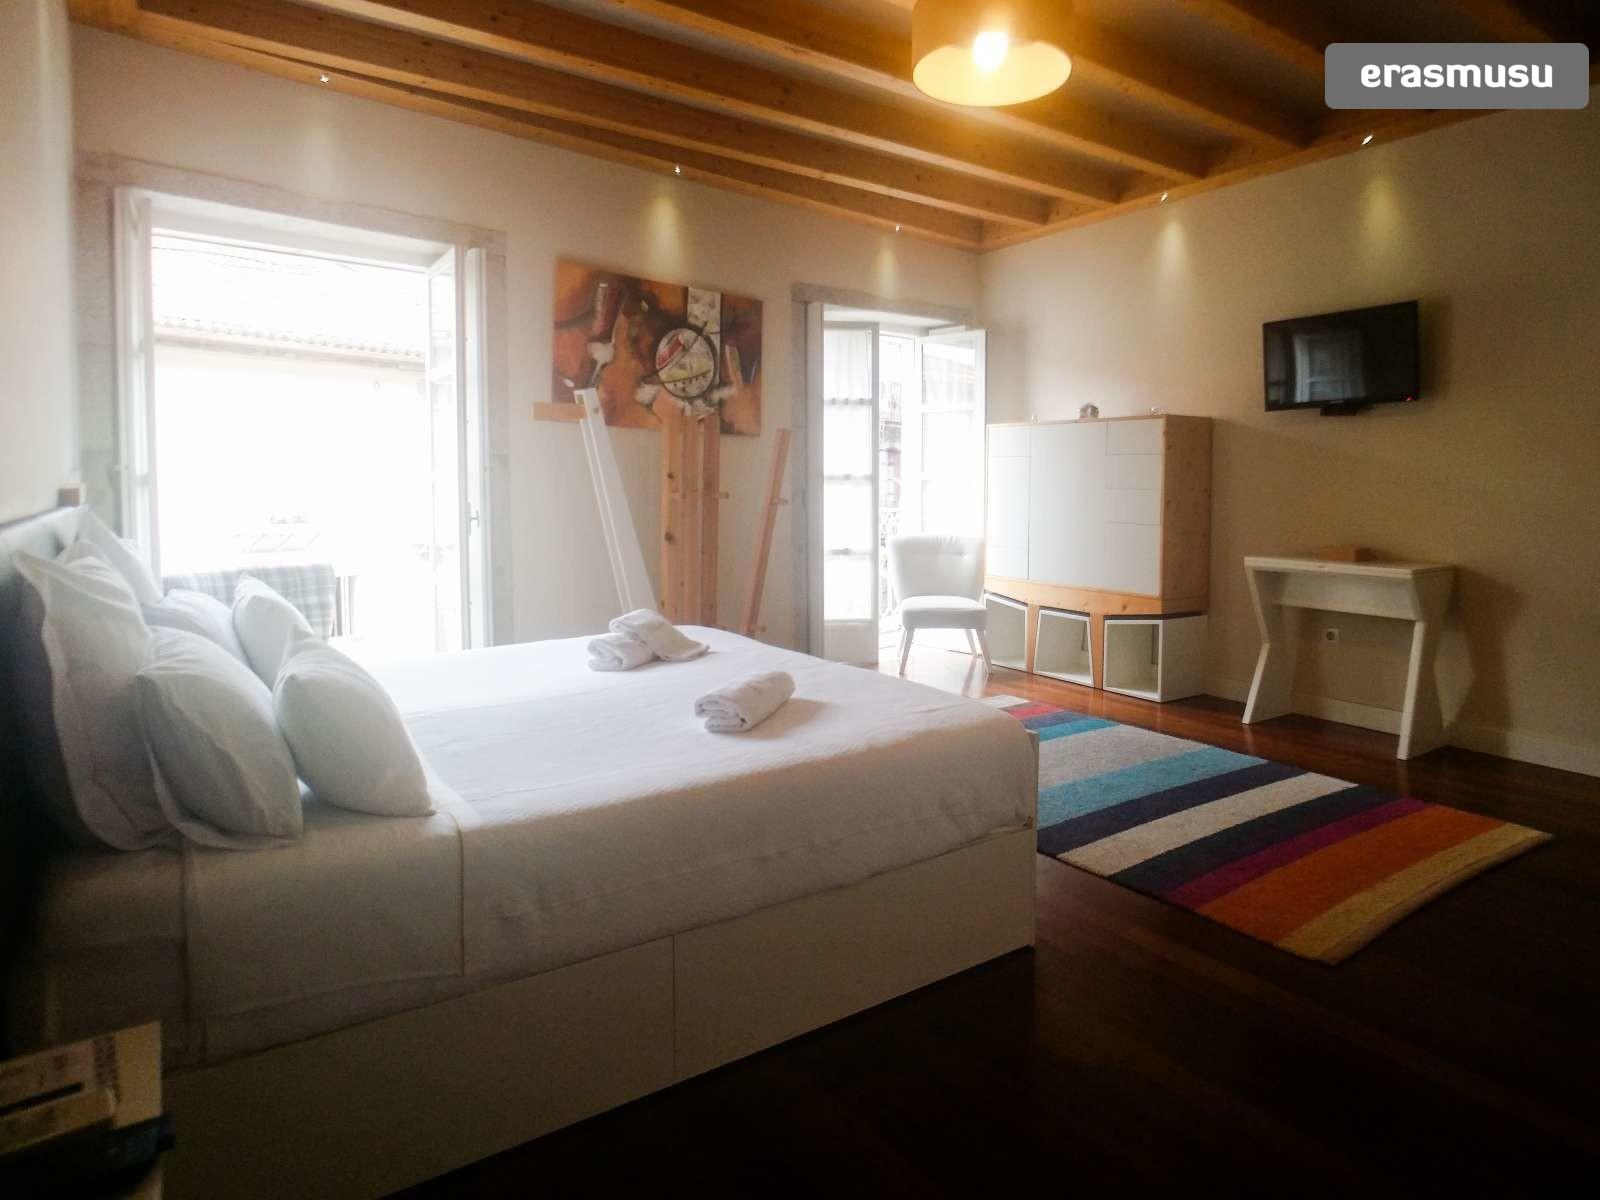 furnished-studio-apartment-rent-sao-nicolau-ce4edcb31f0fa5308e4b